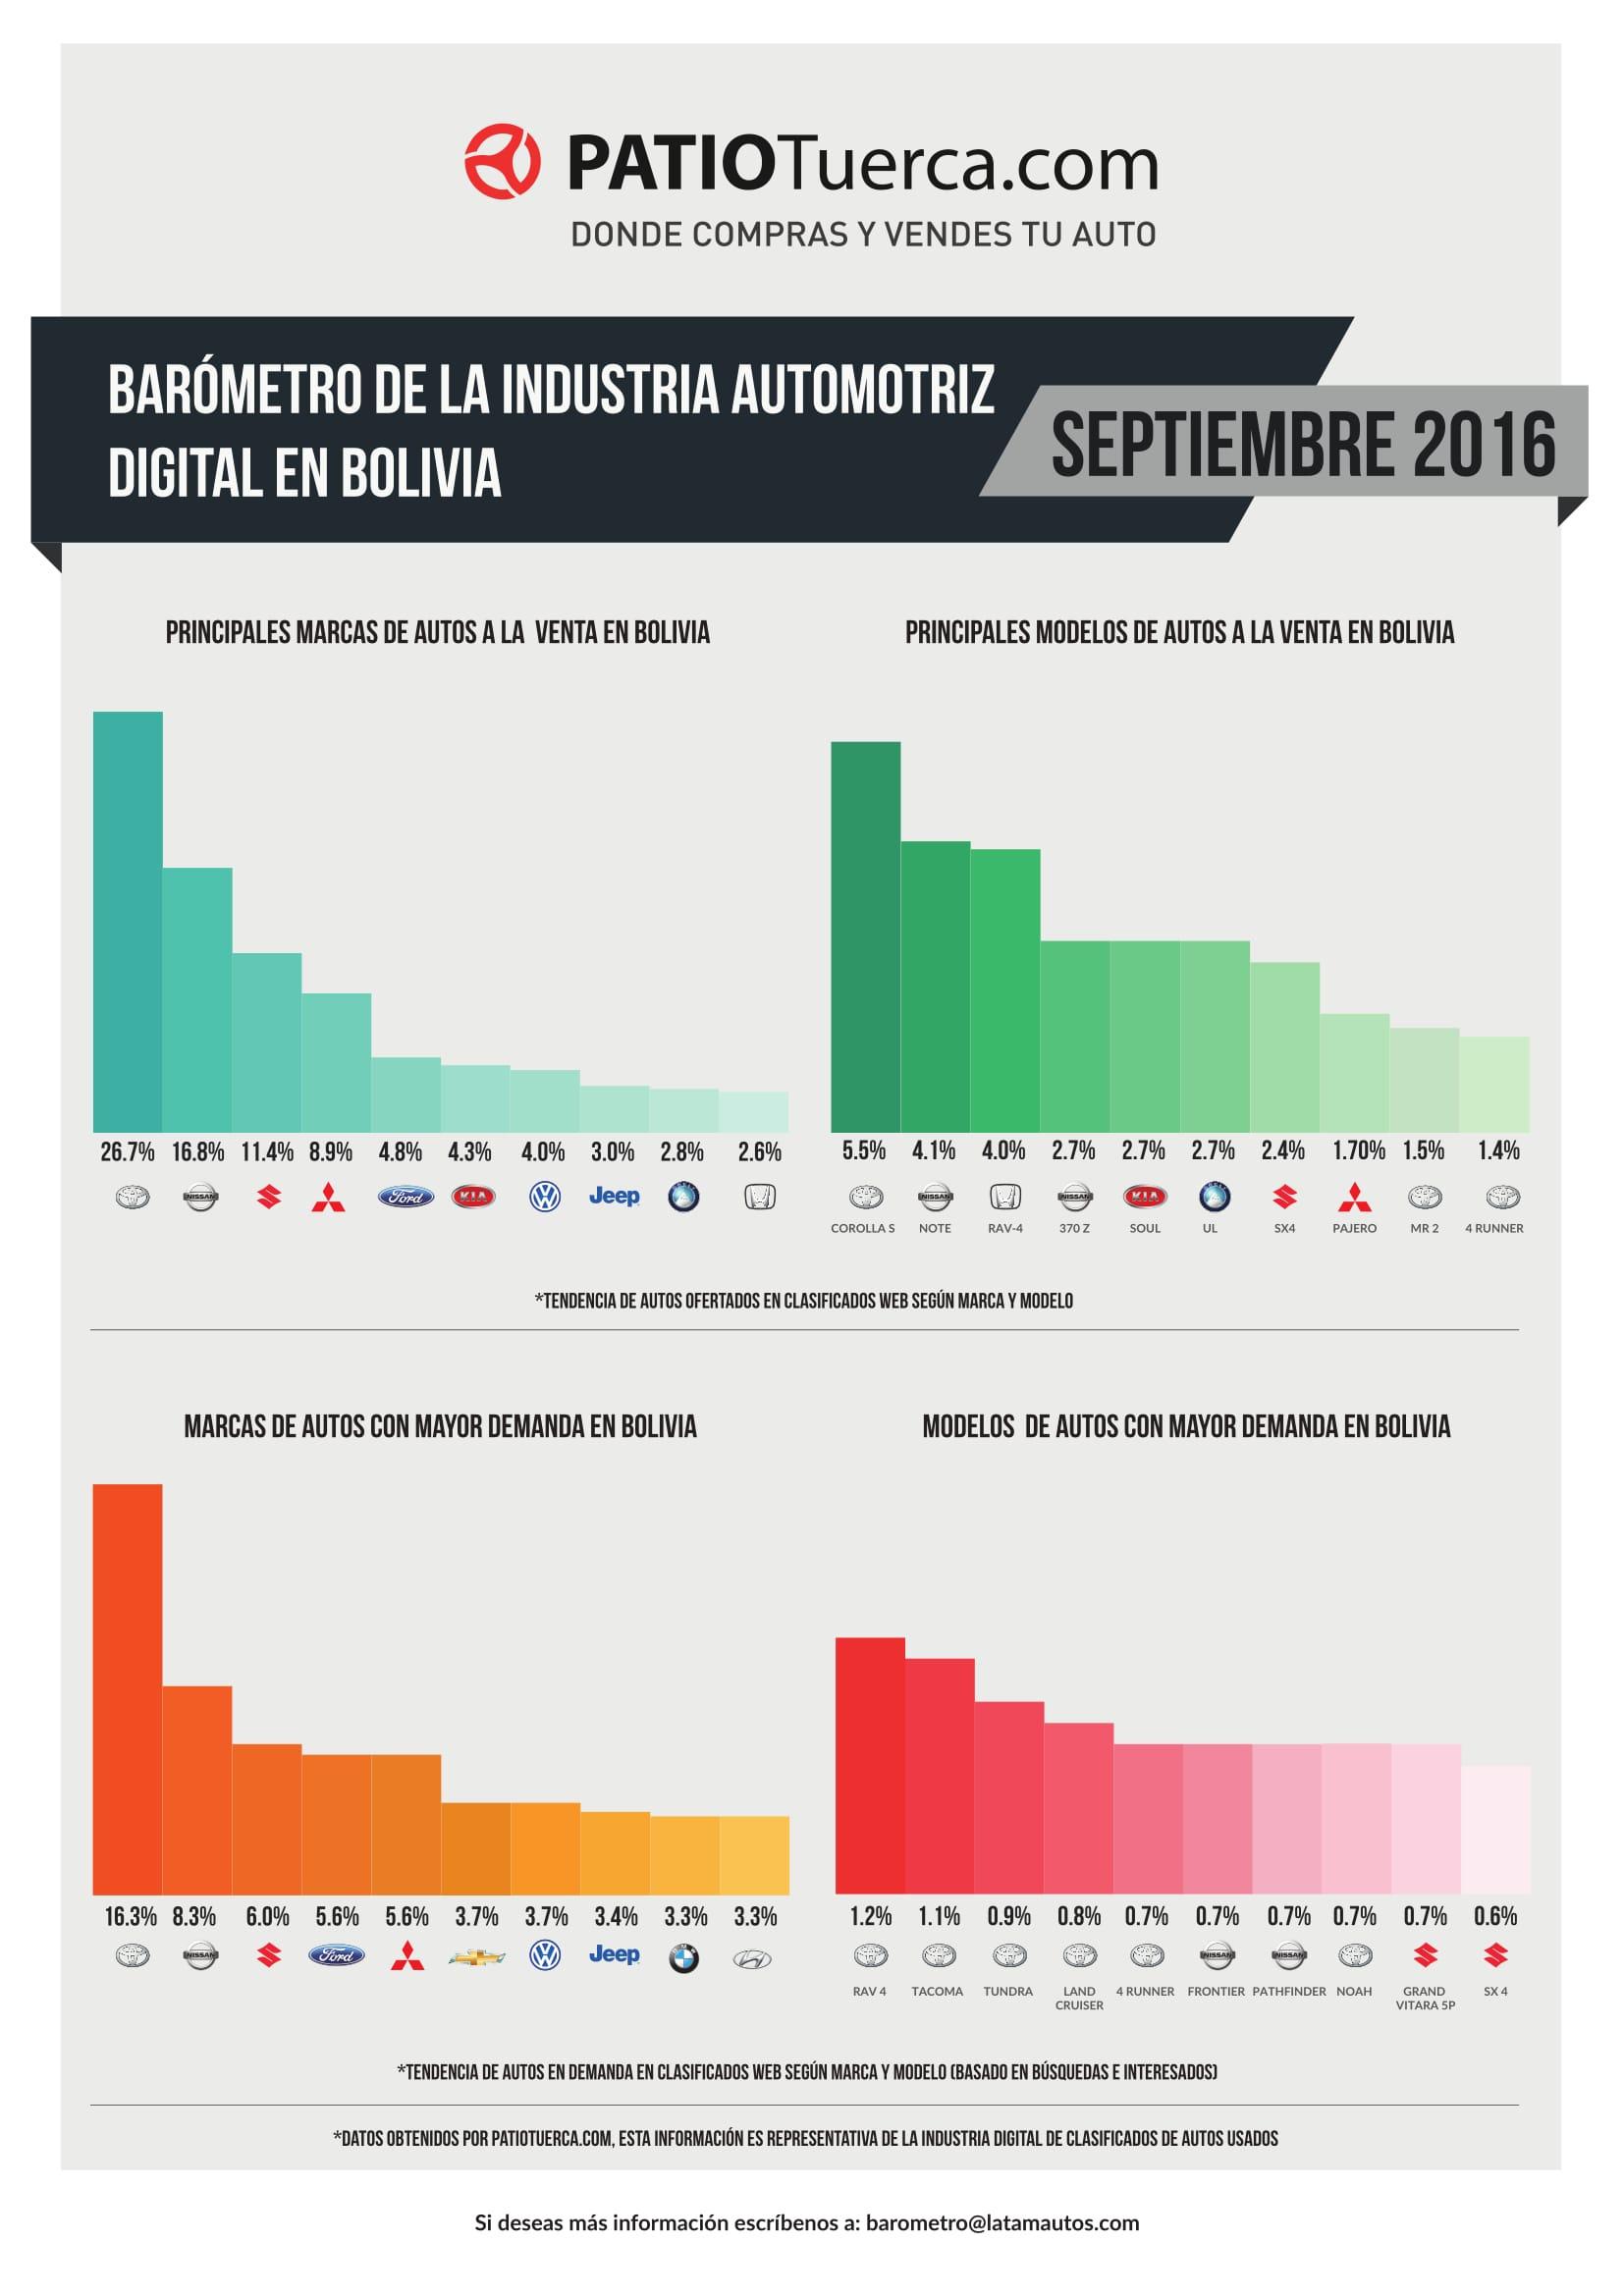 Barómetro digital industria automotriz boliviana en septiembre